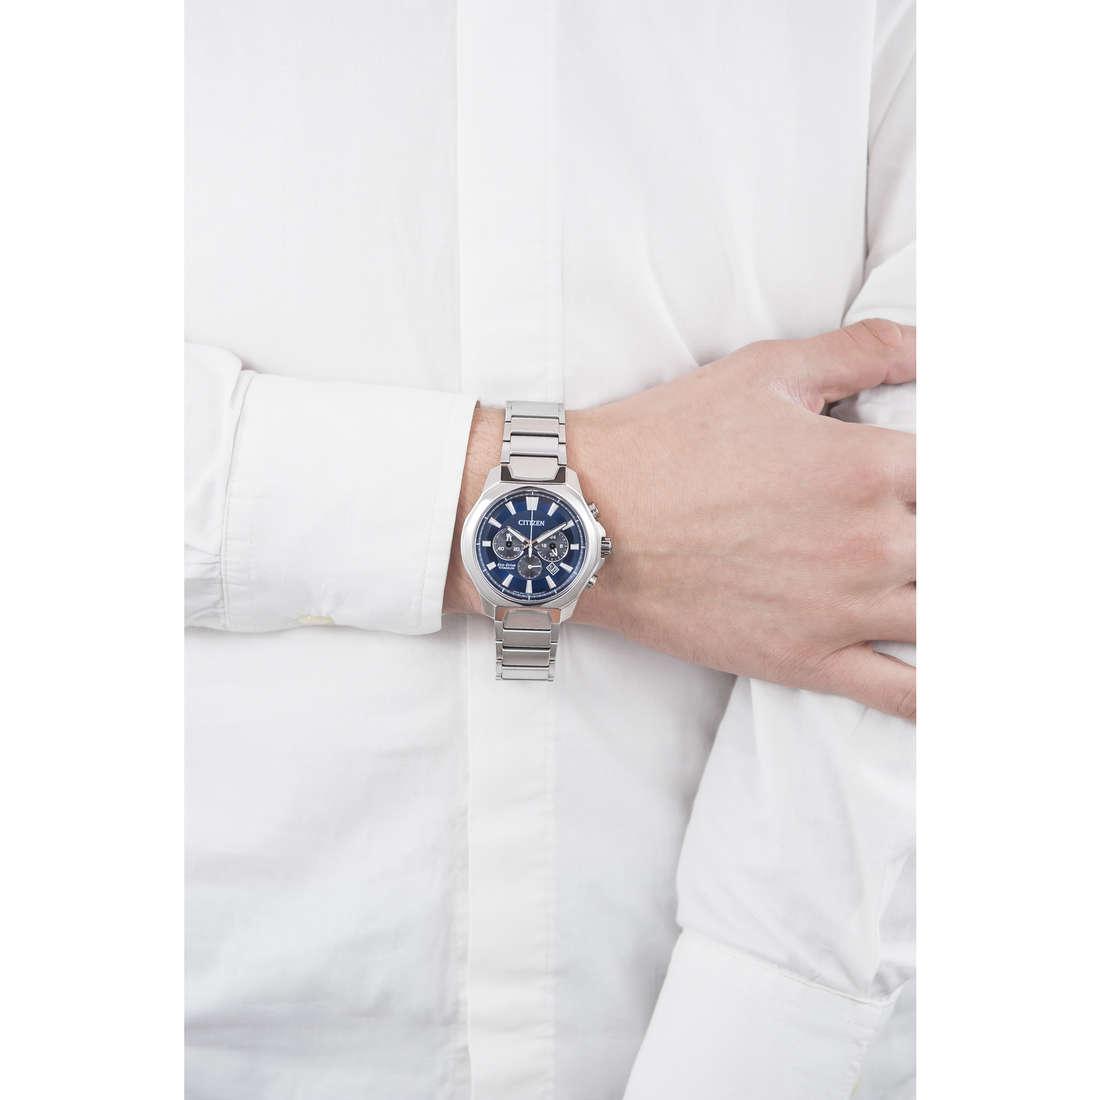 Citizen chronographes Supertitanio homme CA4320-51L indosso